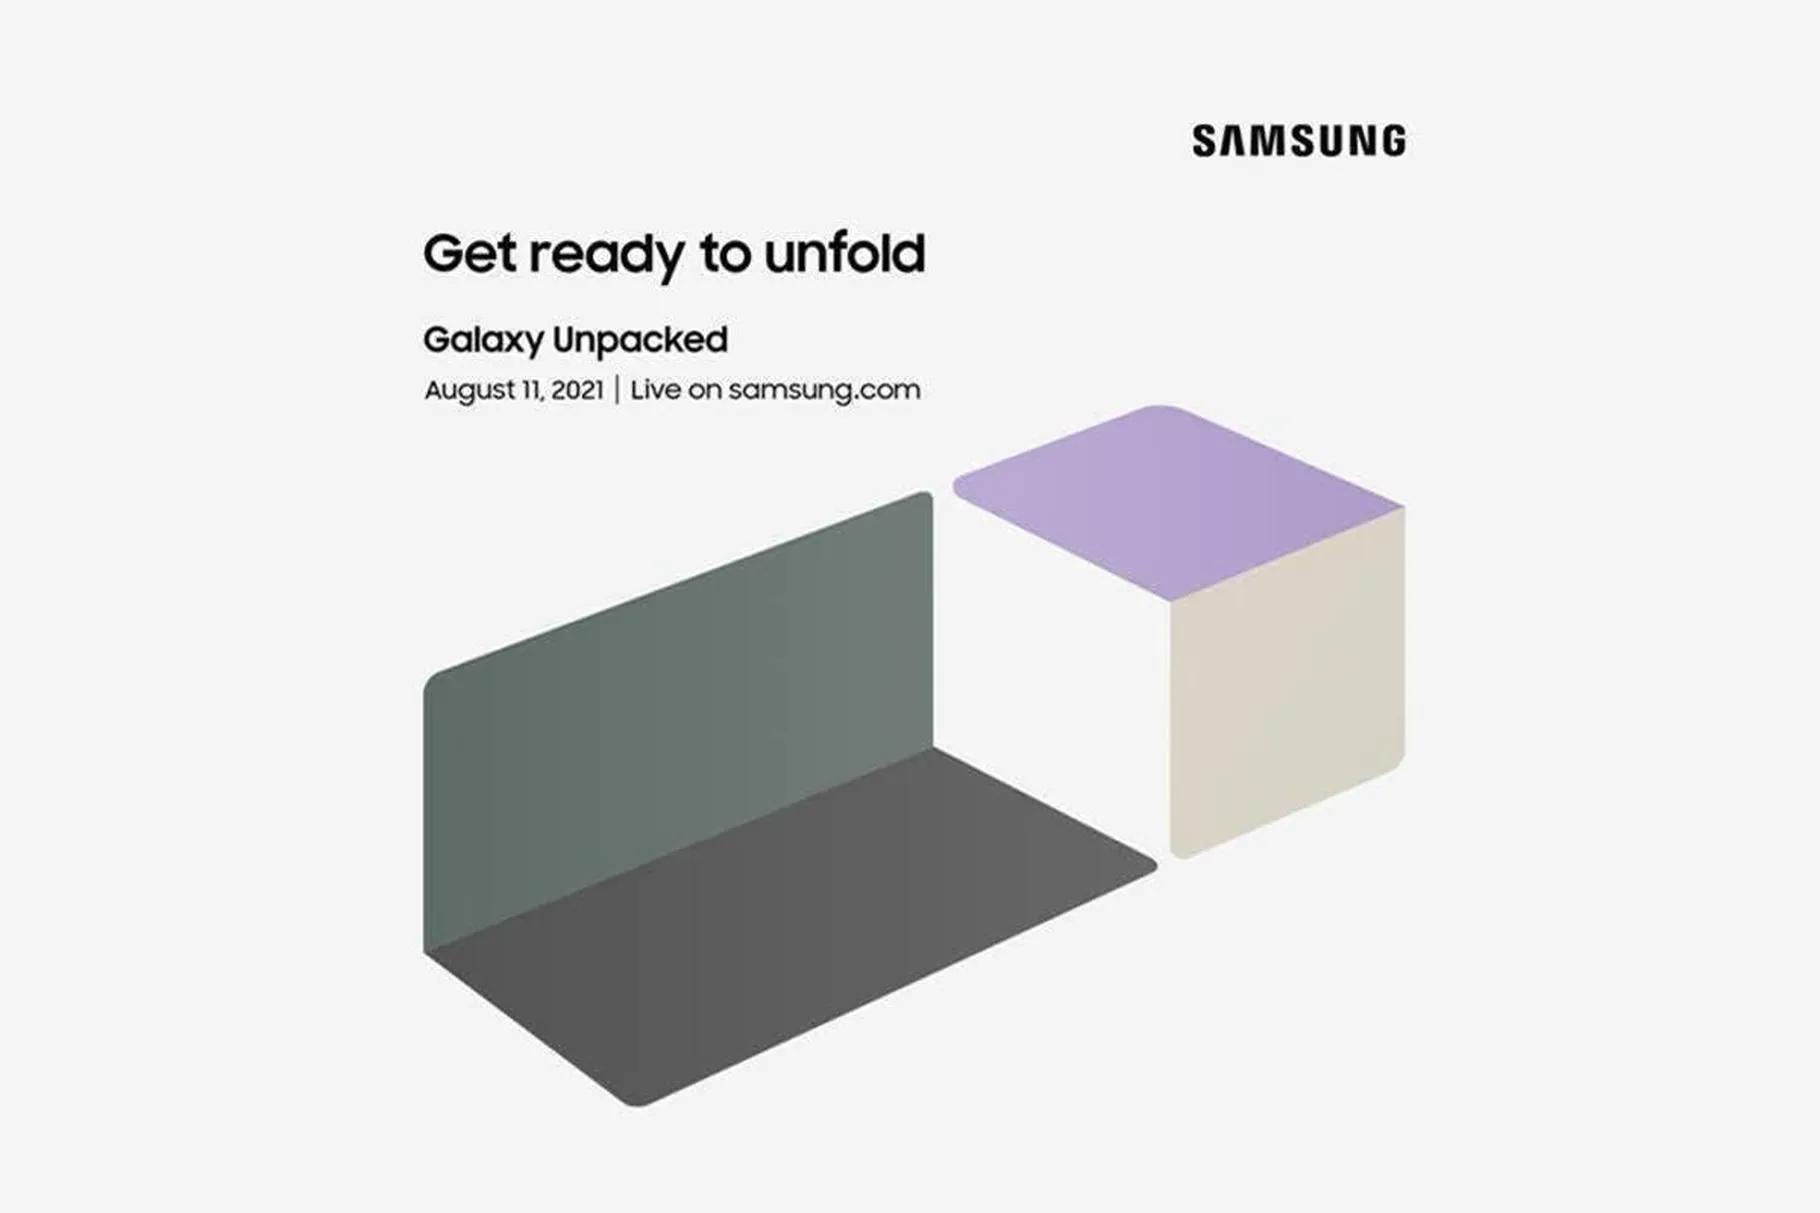 Samsung kör nytt Galaxy Unpacked-event den 11 augusti Sannolikt fokus på Galaxy Z Fold och Z Flip